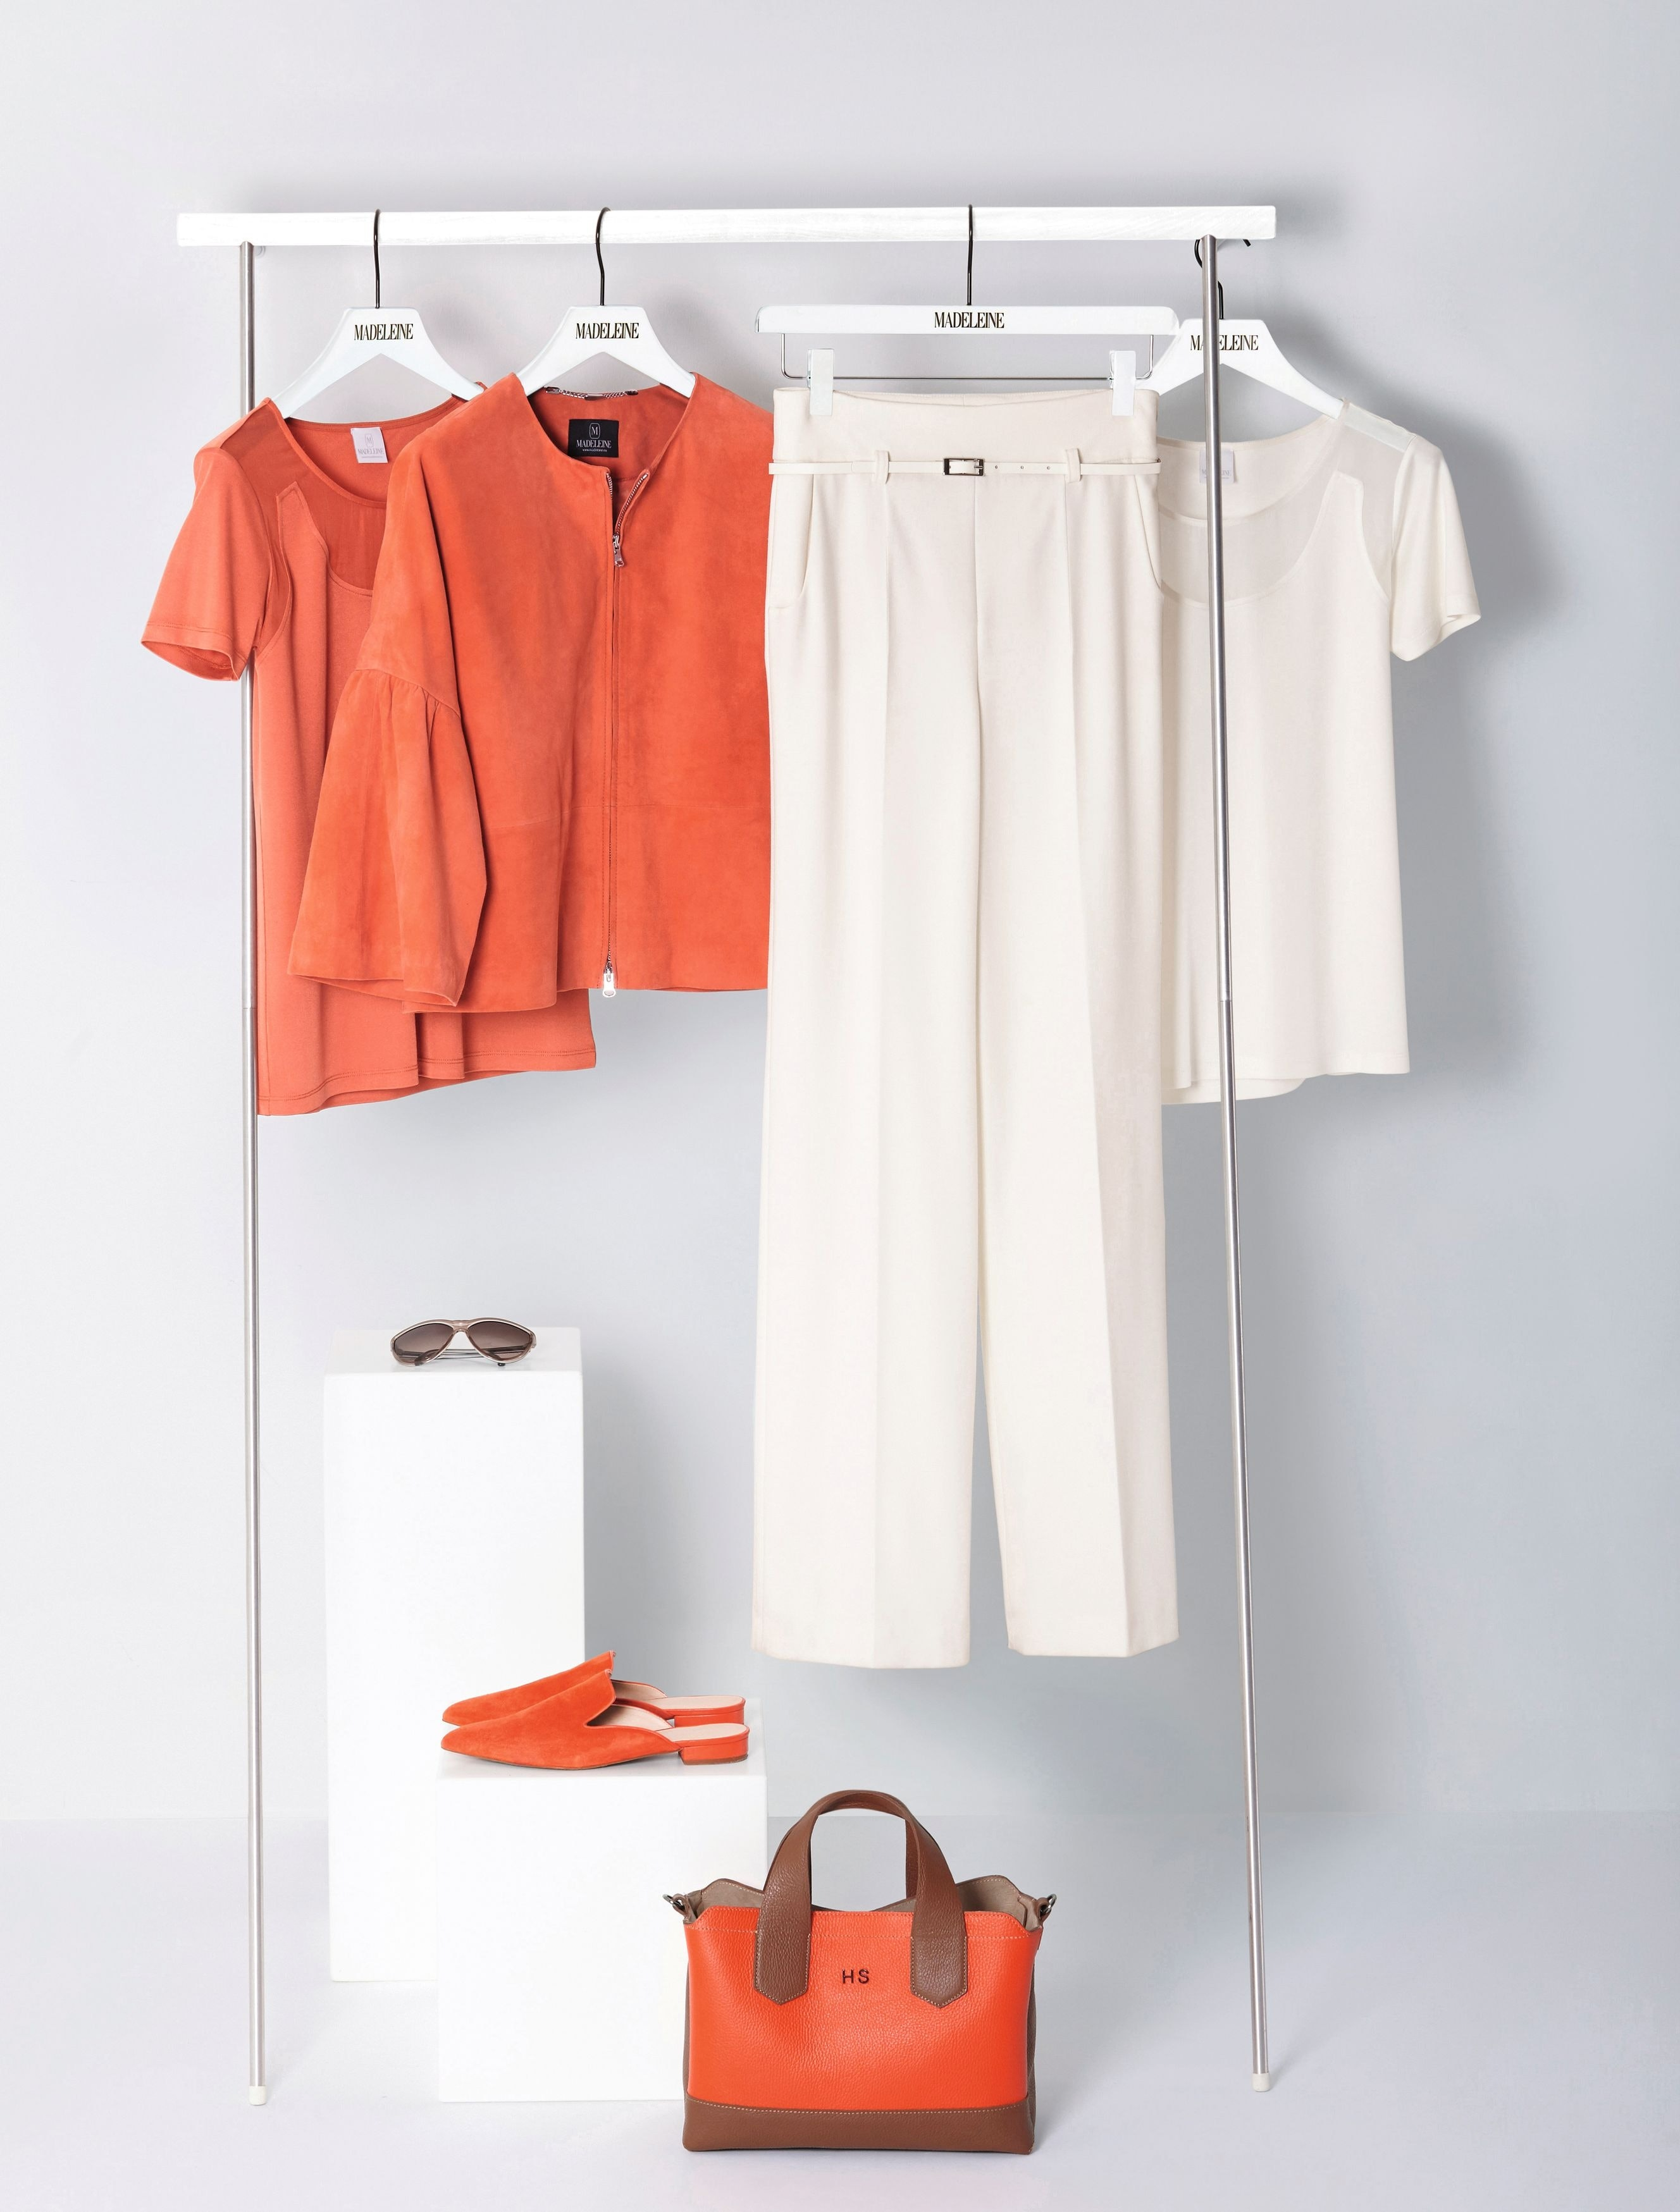 Verschiedene MADELEINE Artikel in Orange und Weiß auf einer Kleiderstange.